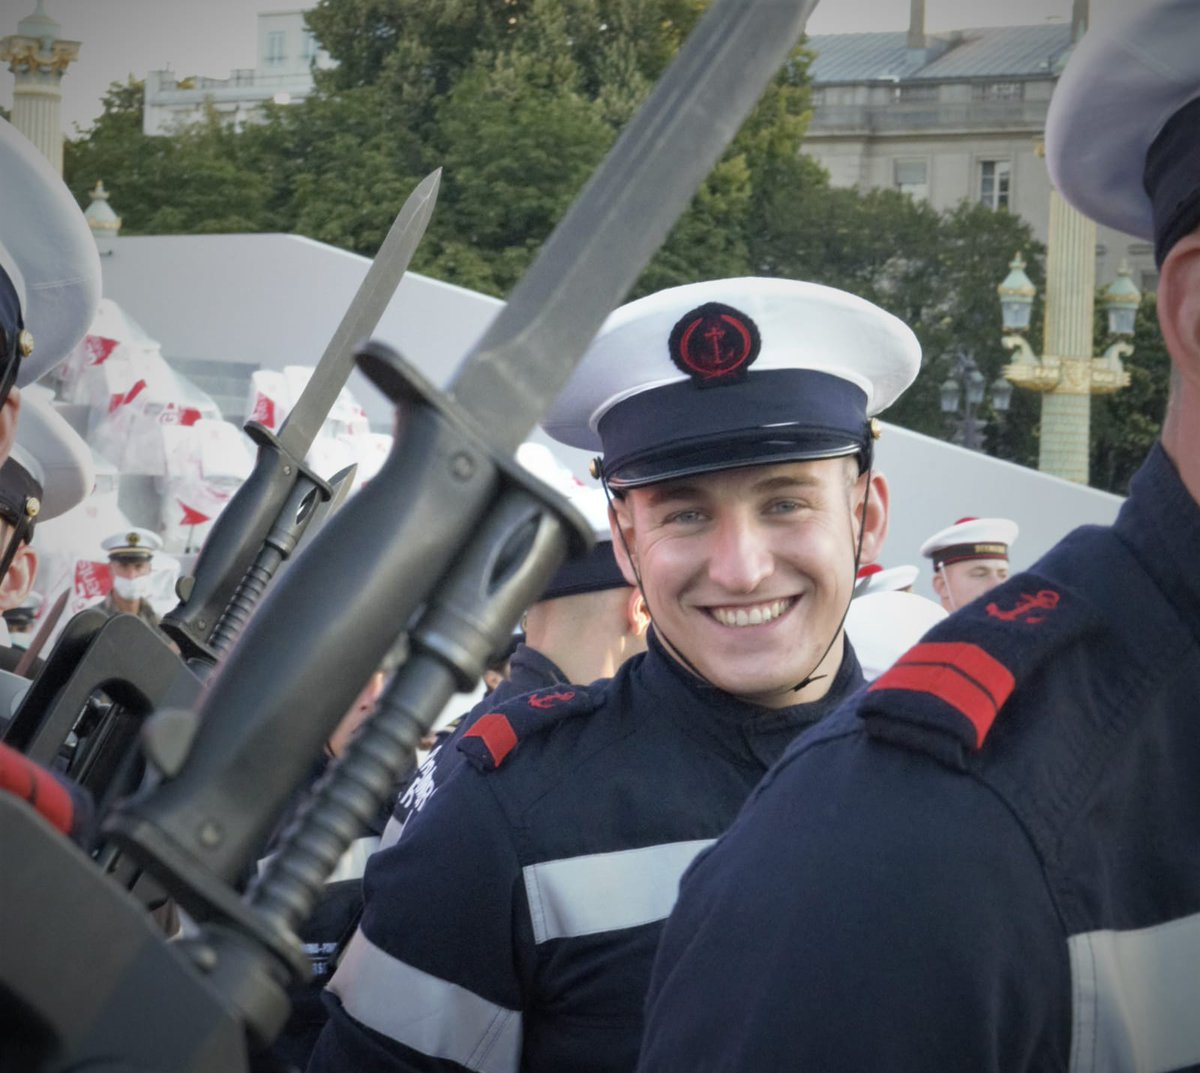 [#MondayMotivation 💪] Répétitions du #14juillet 🇫🇷 ! Fiers de nos marins qui porteront haut les couleurs de la Marine demain !⚓ @MarinsPompiers #FiersDeNosMarins https://t.co/5Sj172vbRs